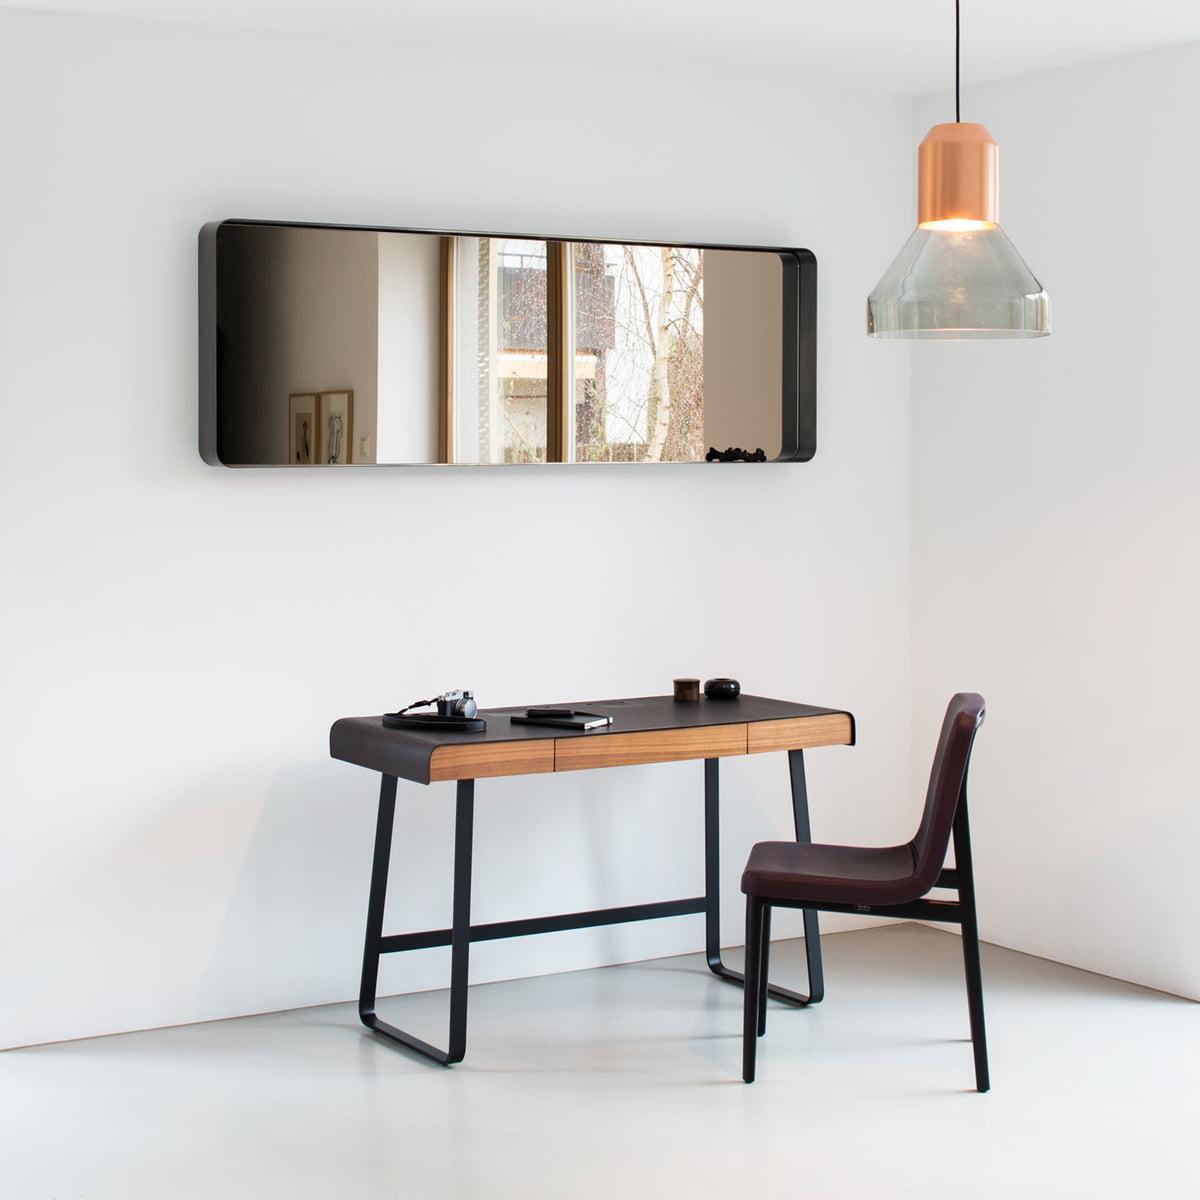 steel open cabinet x metal desk tennsco gray shop wxhxd bench